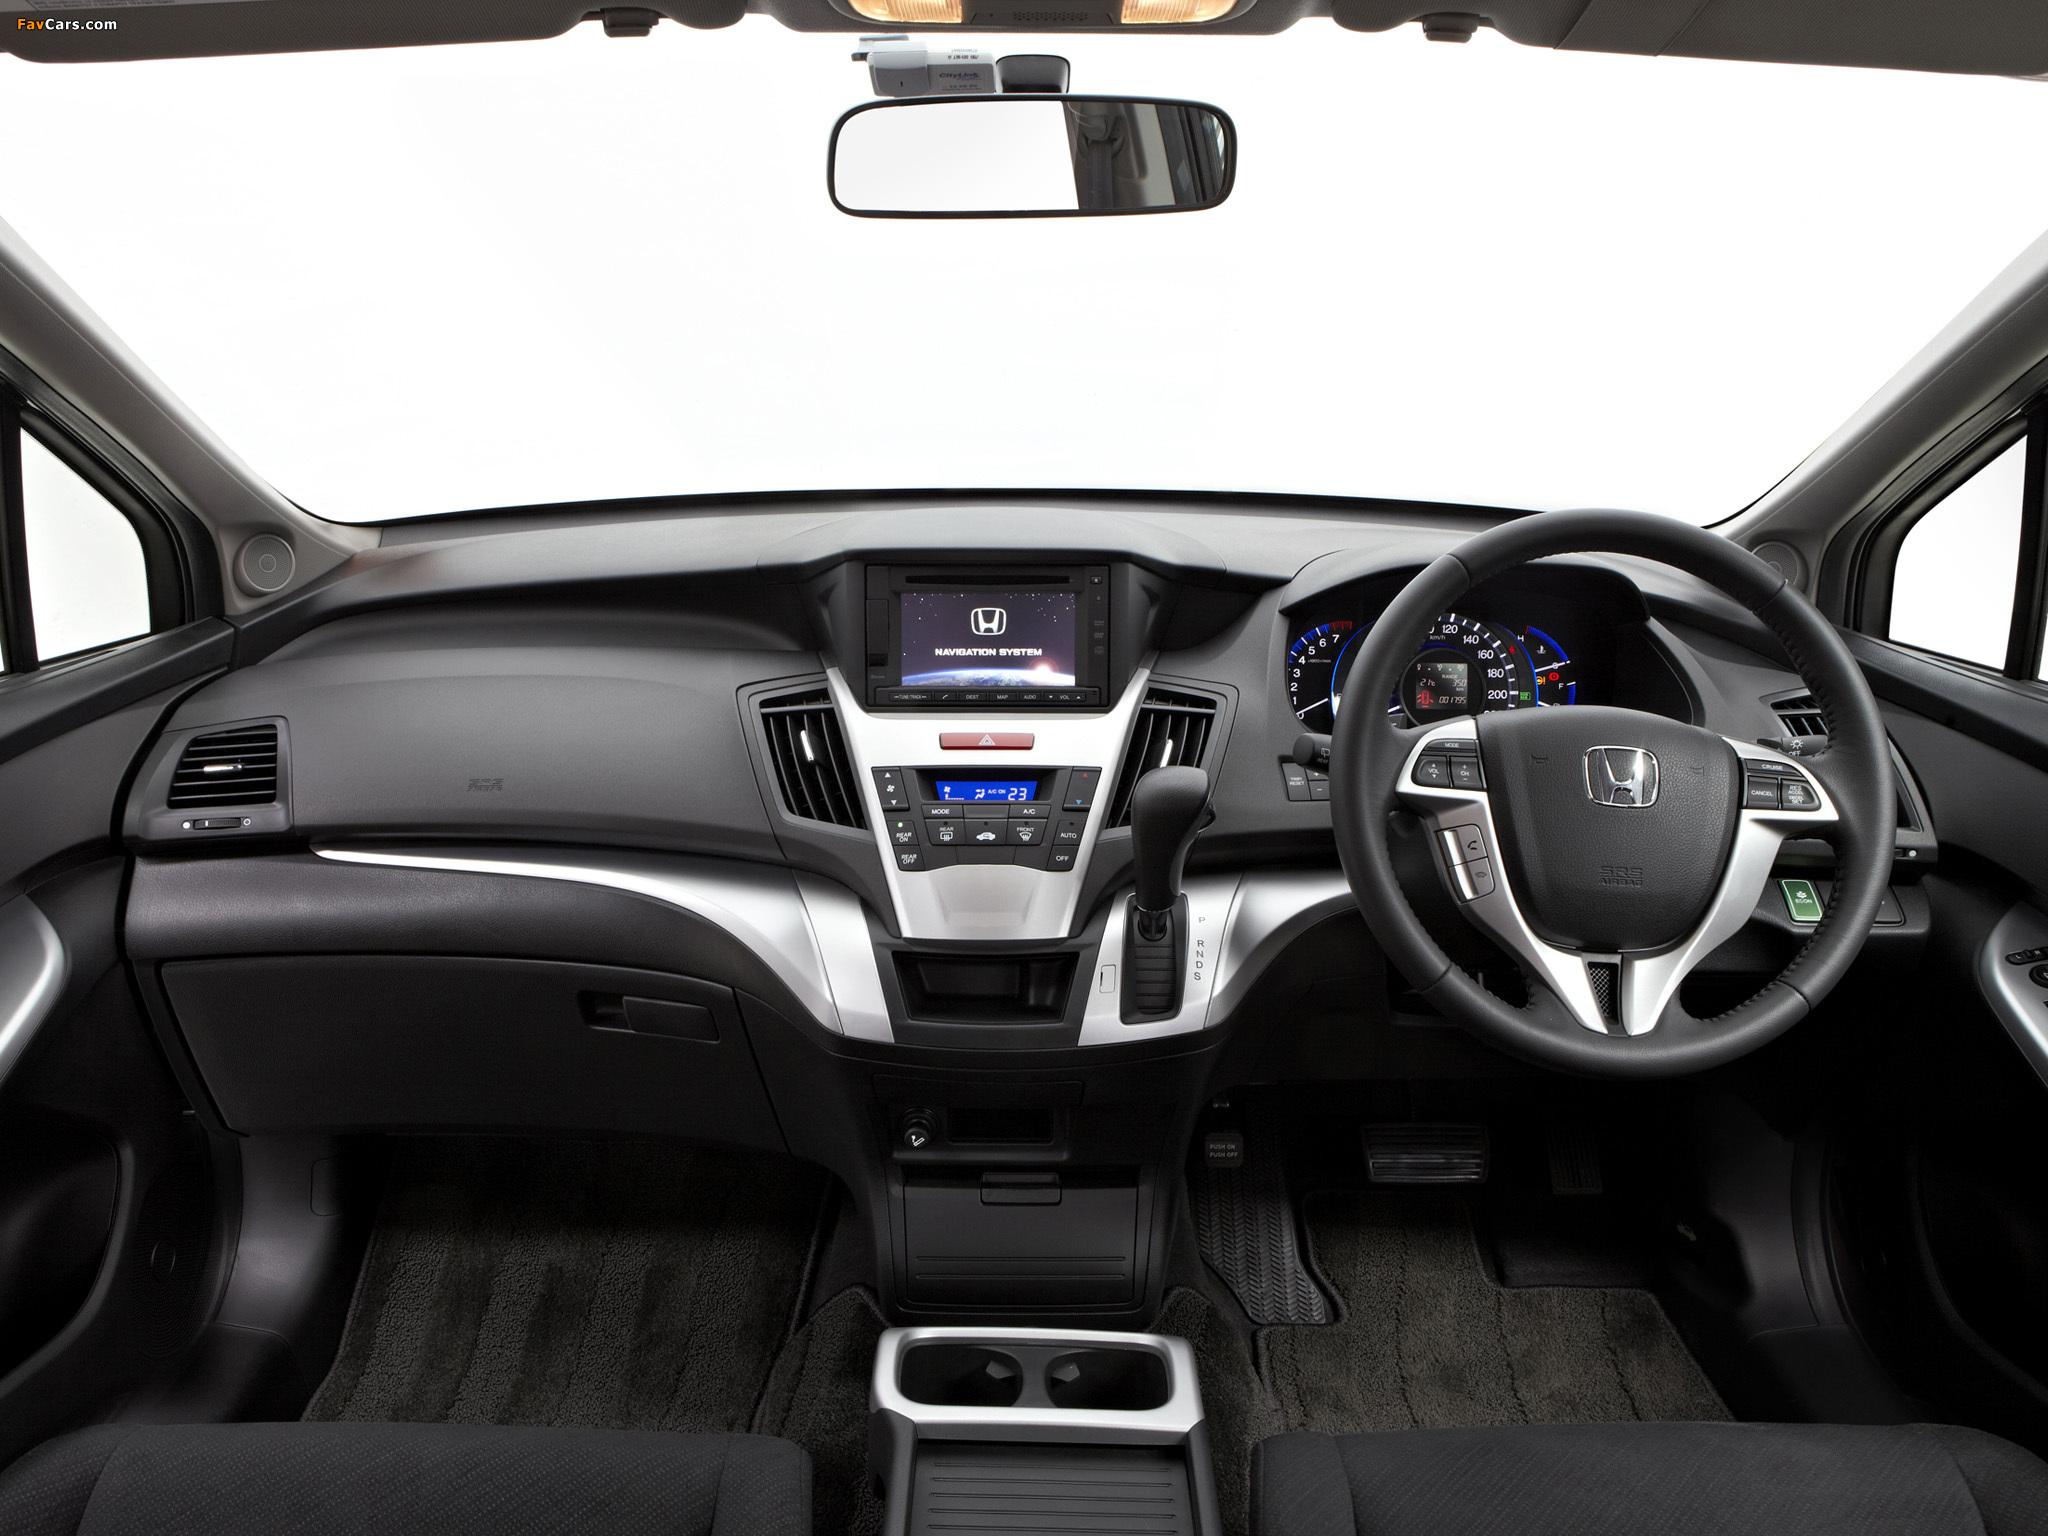 Honda Odyssey Au Spec Rb3 2011 Photos 2048x1536